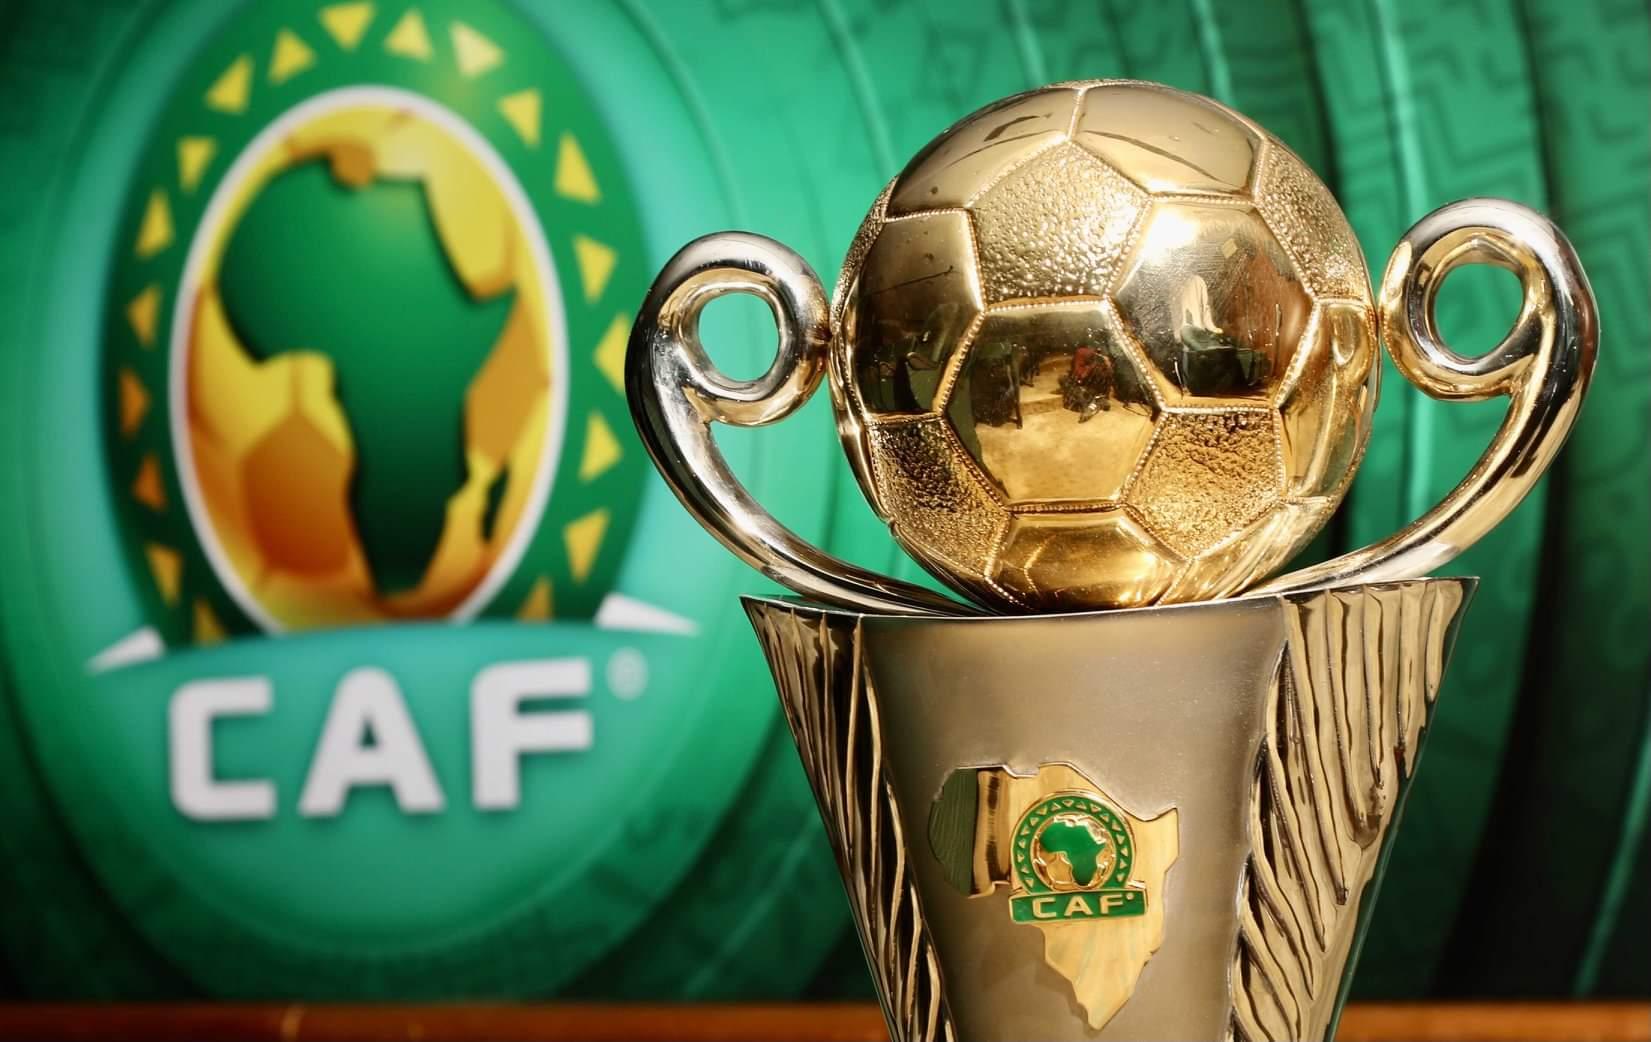 كأس الكونفدرالية الإفريقية: شبيبة القبائل و وفاق سطيف يتعرفان على منافسيهم في دور المجموعات